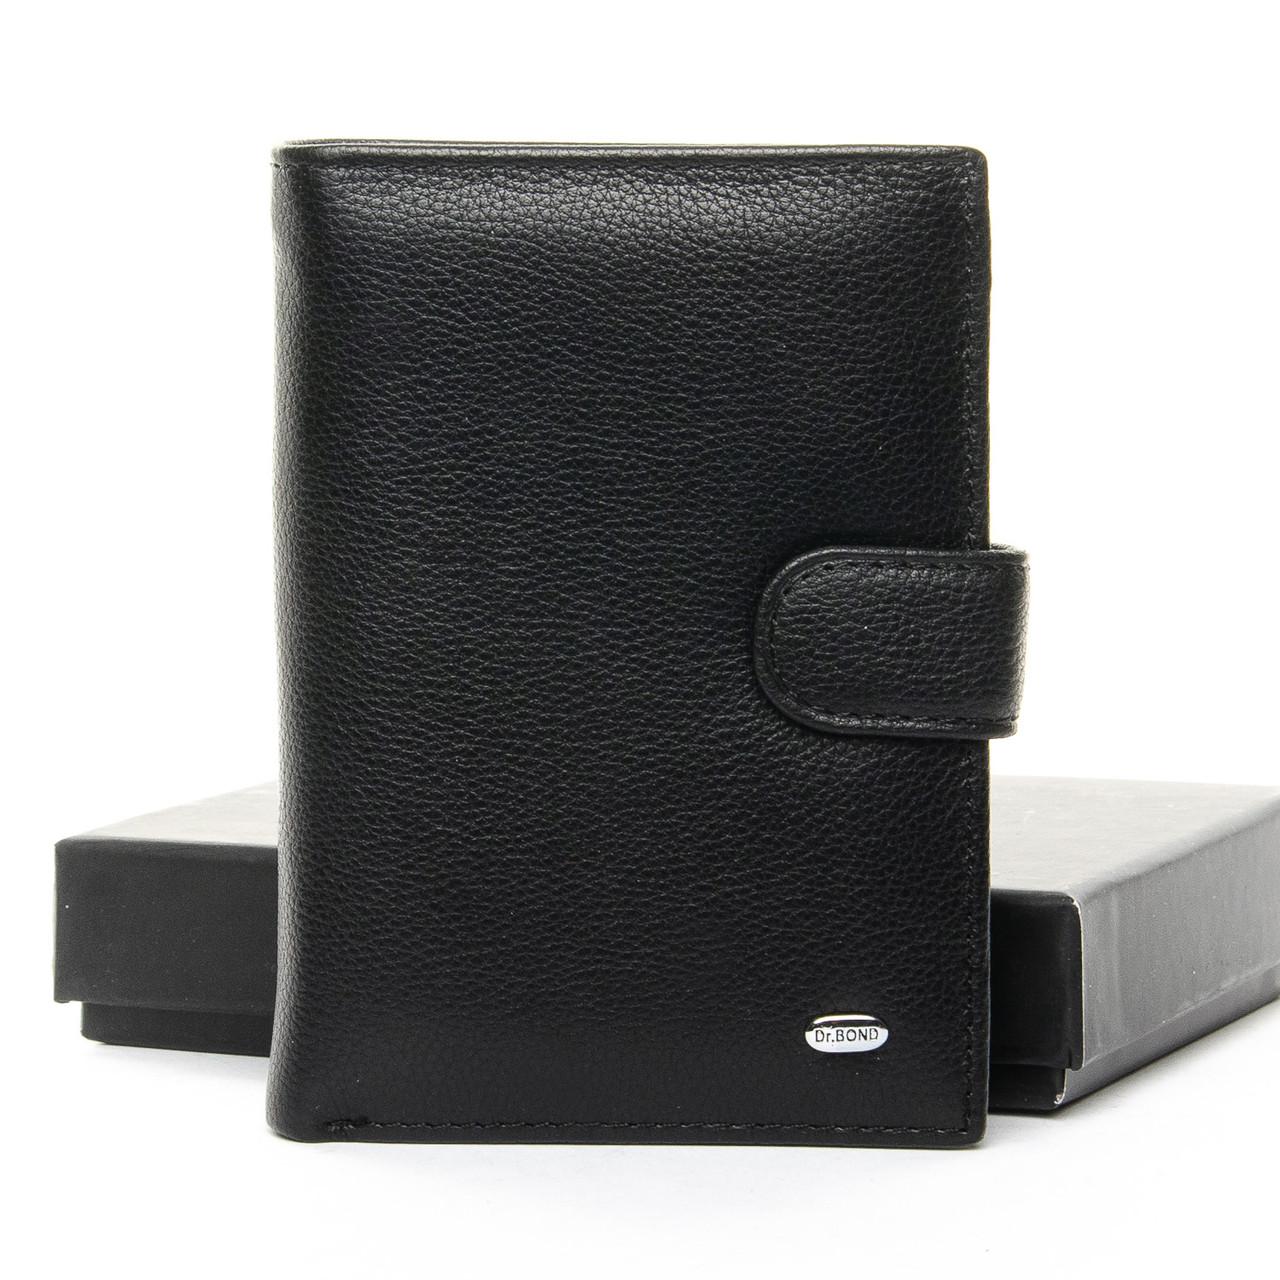 Чоловічий гаманець Classic шкіра DR. BOND M25-1 чорний